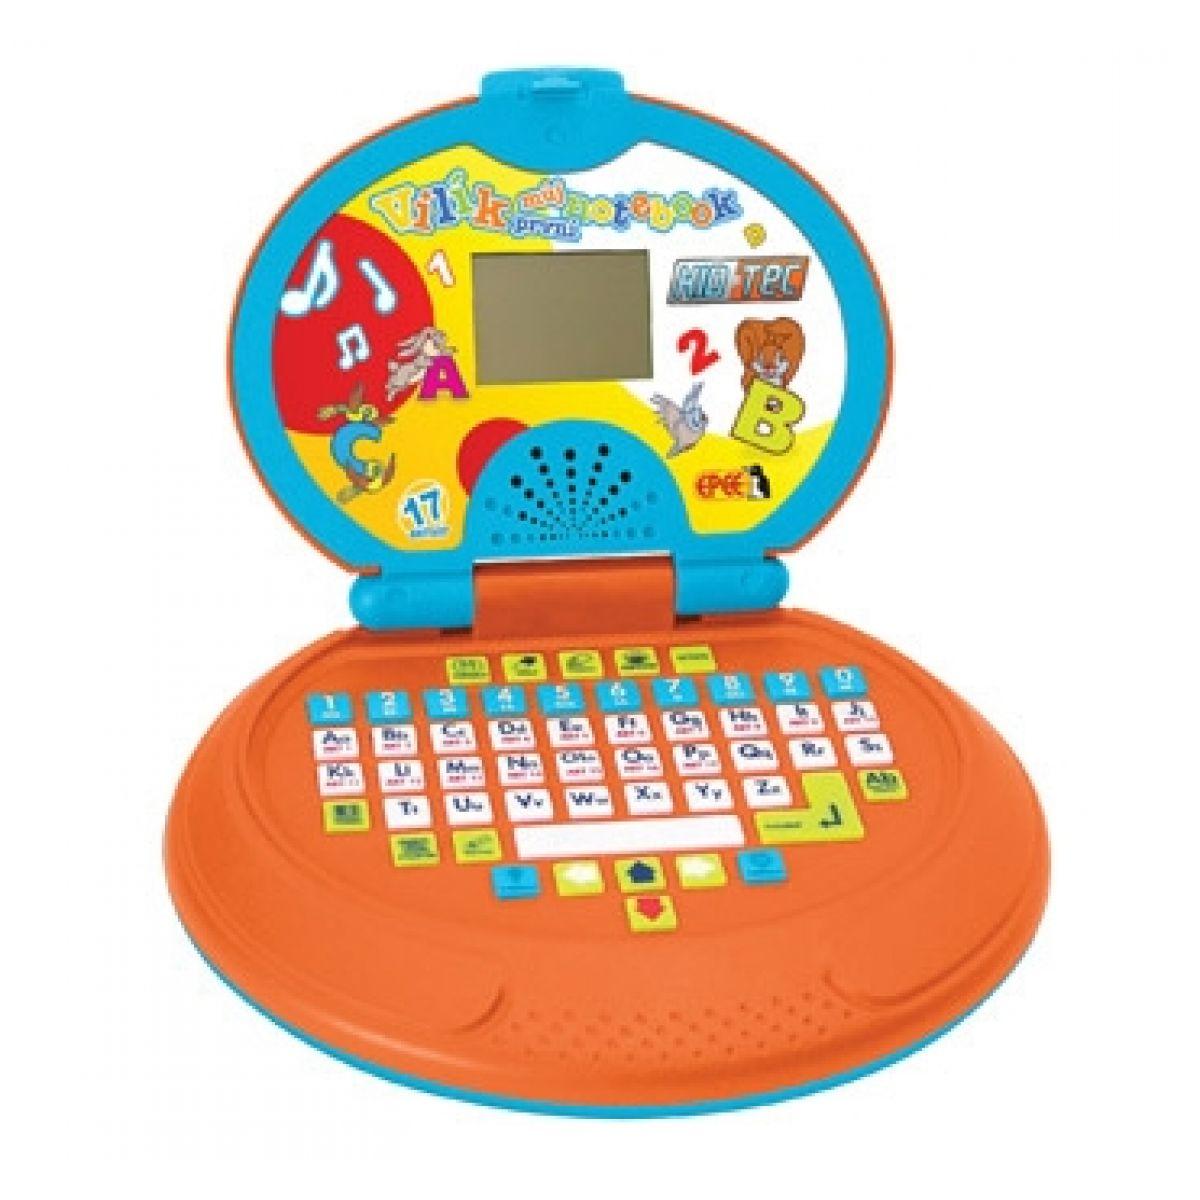 Dětský počítač Vilík